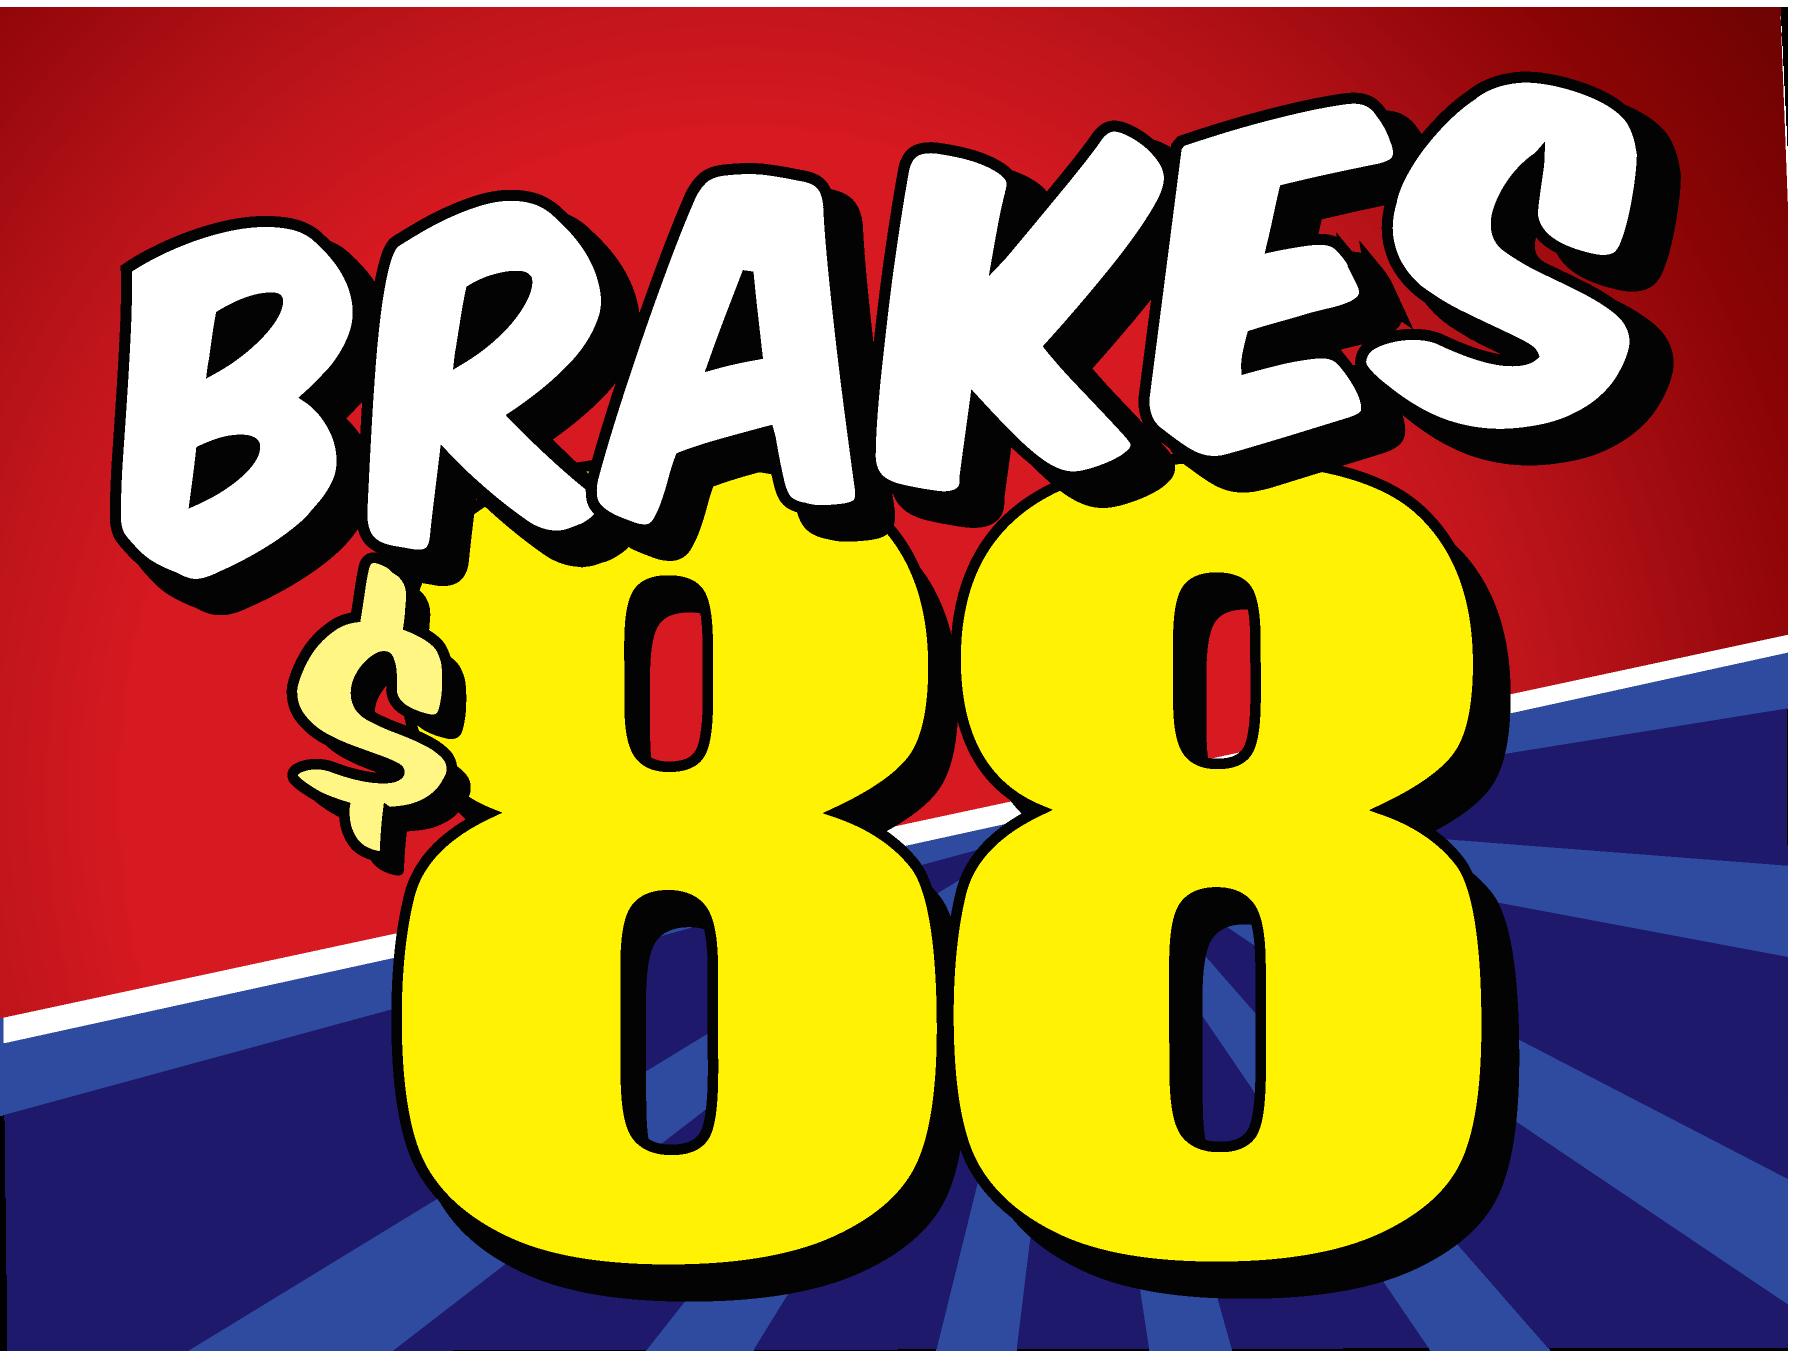 Brake Team image 2